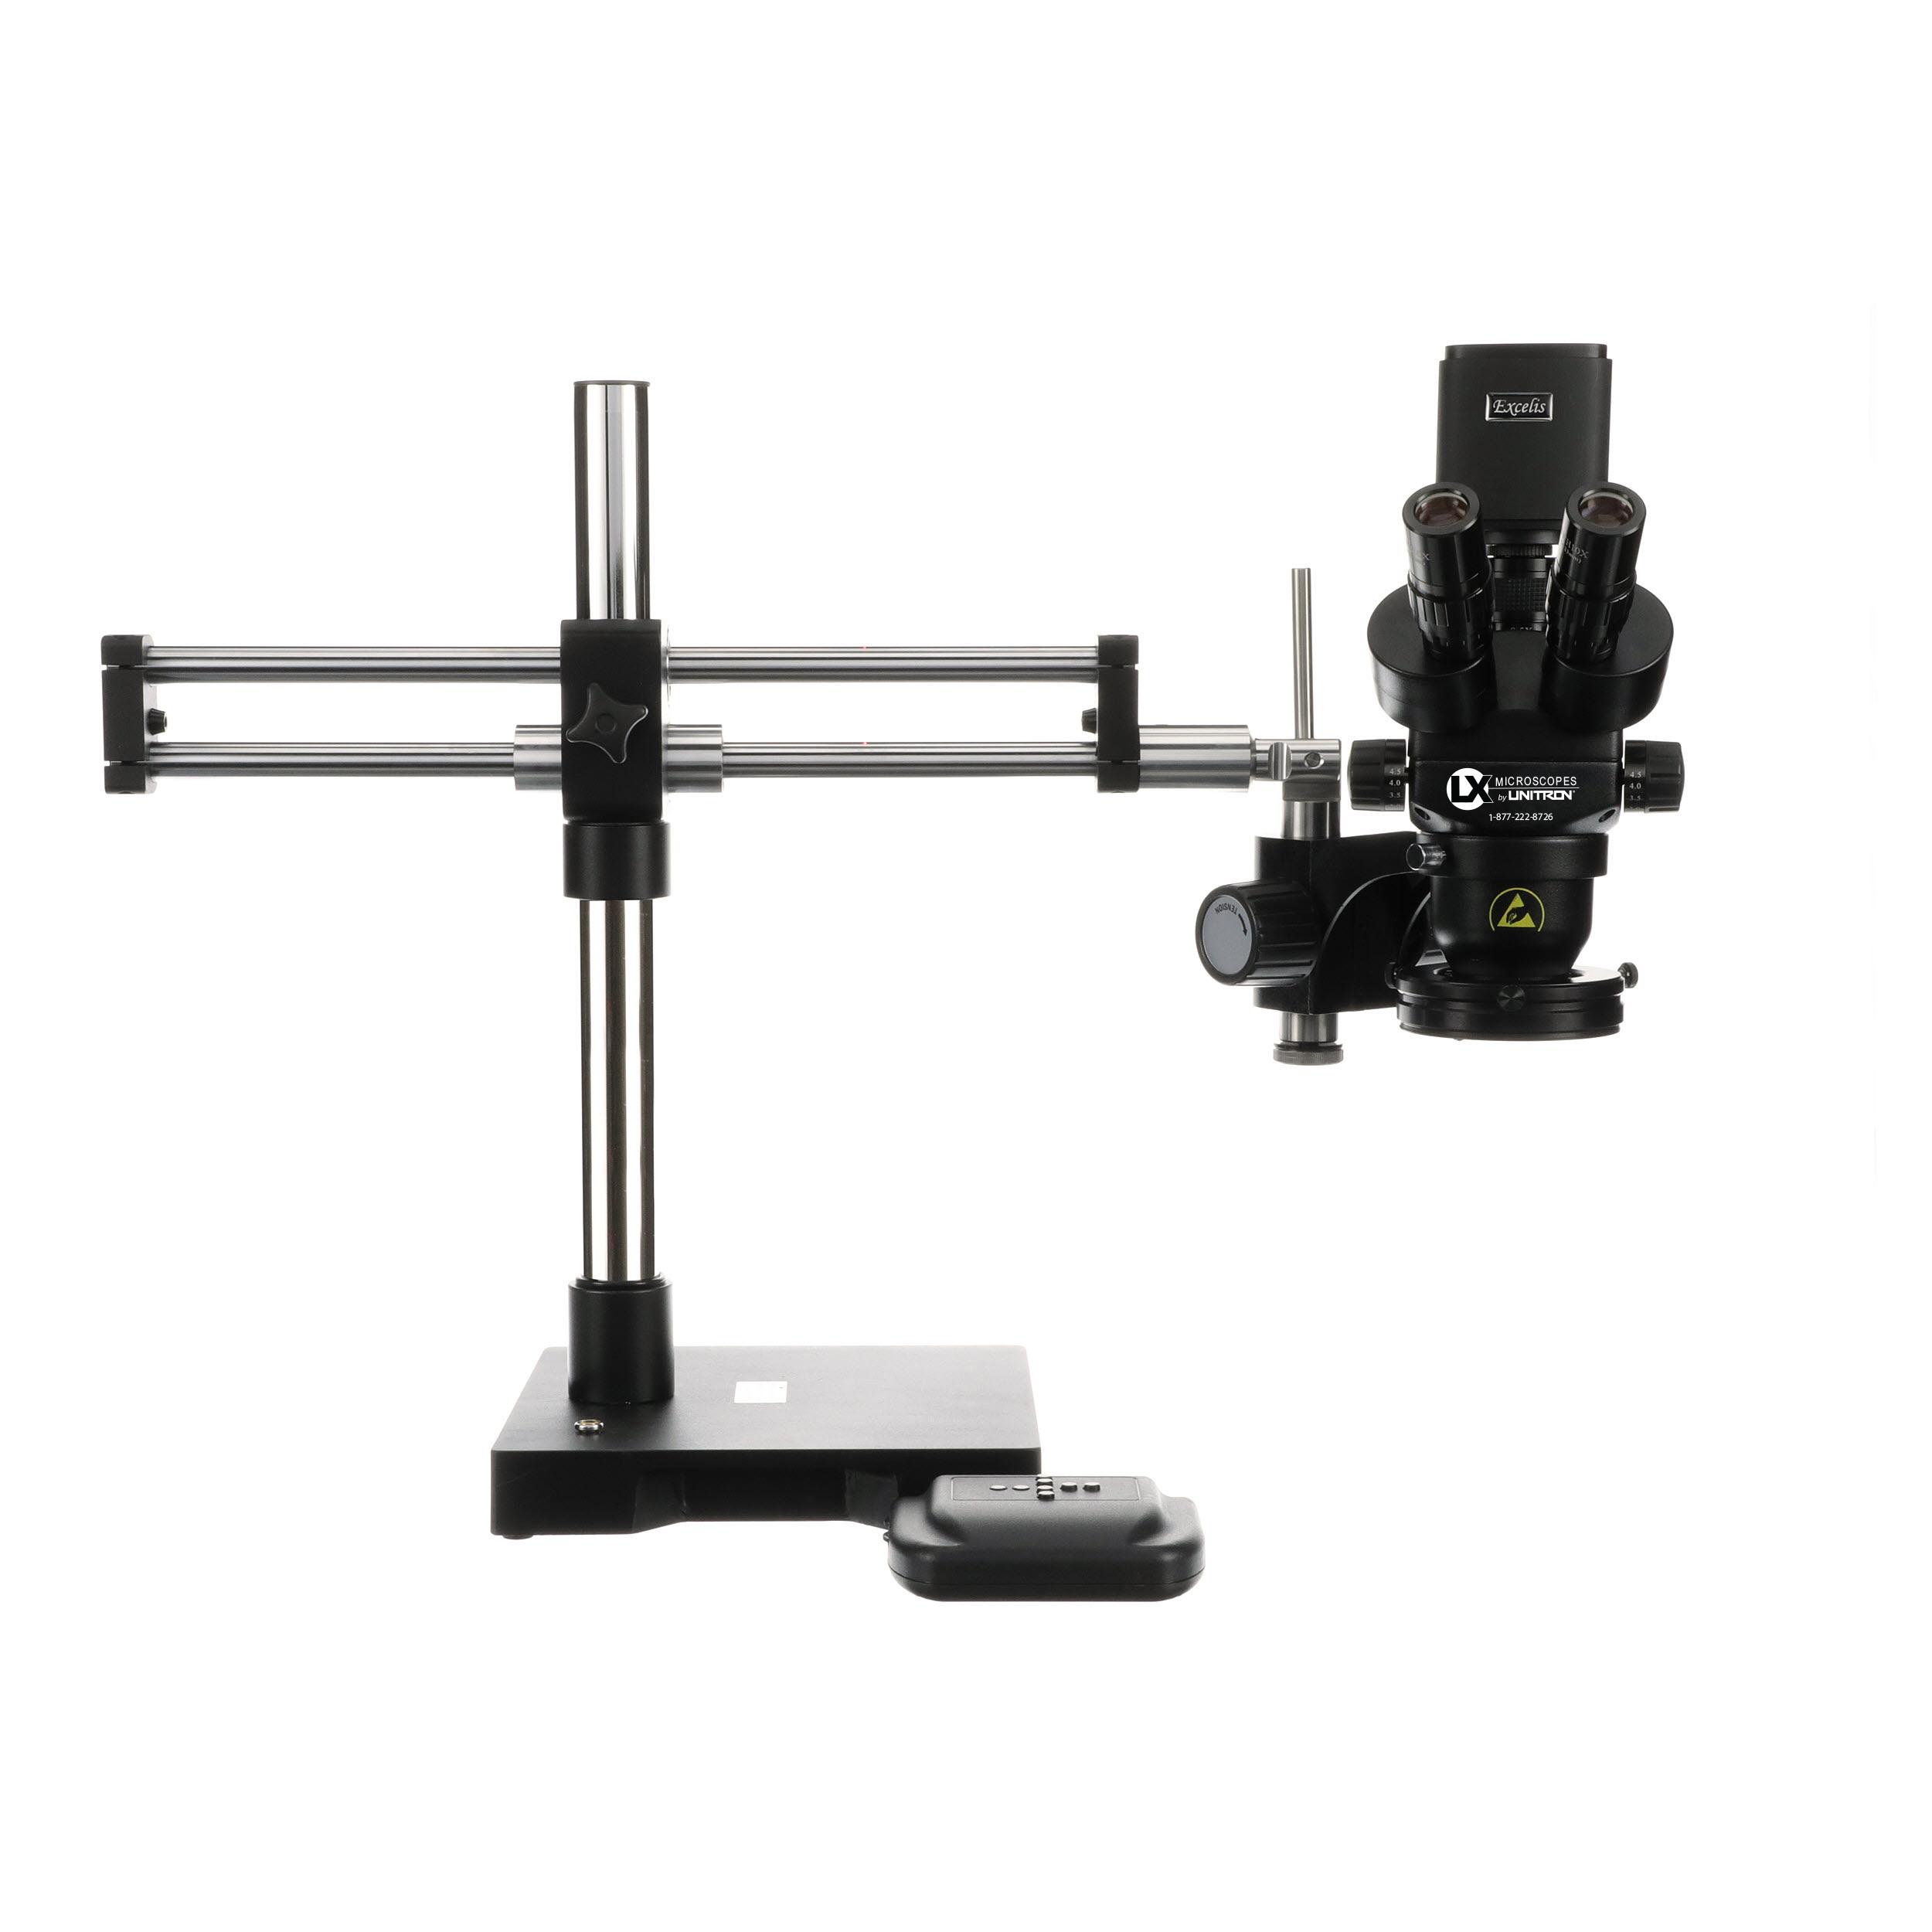 System 373 ESD-Safe TRU Trinocular Stereo Microscopes